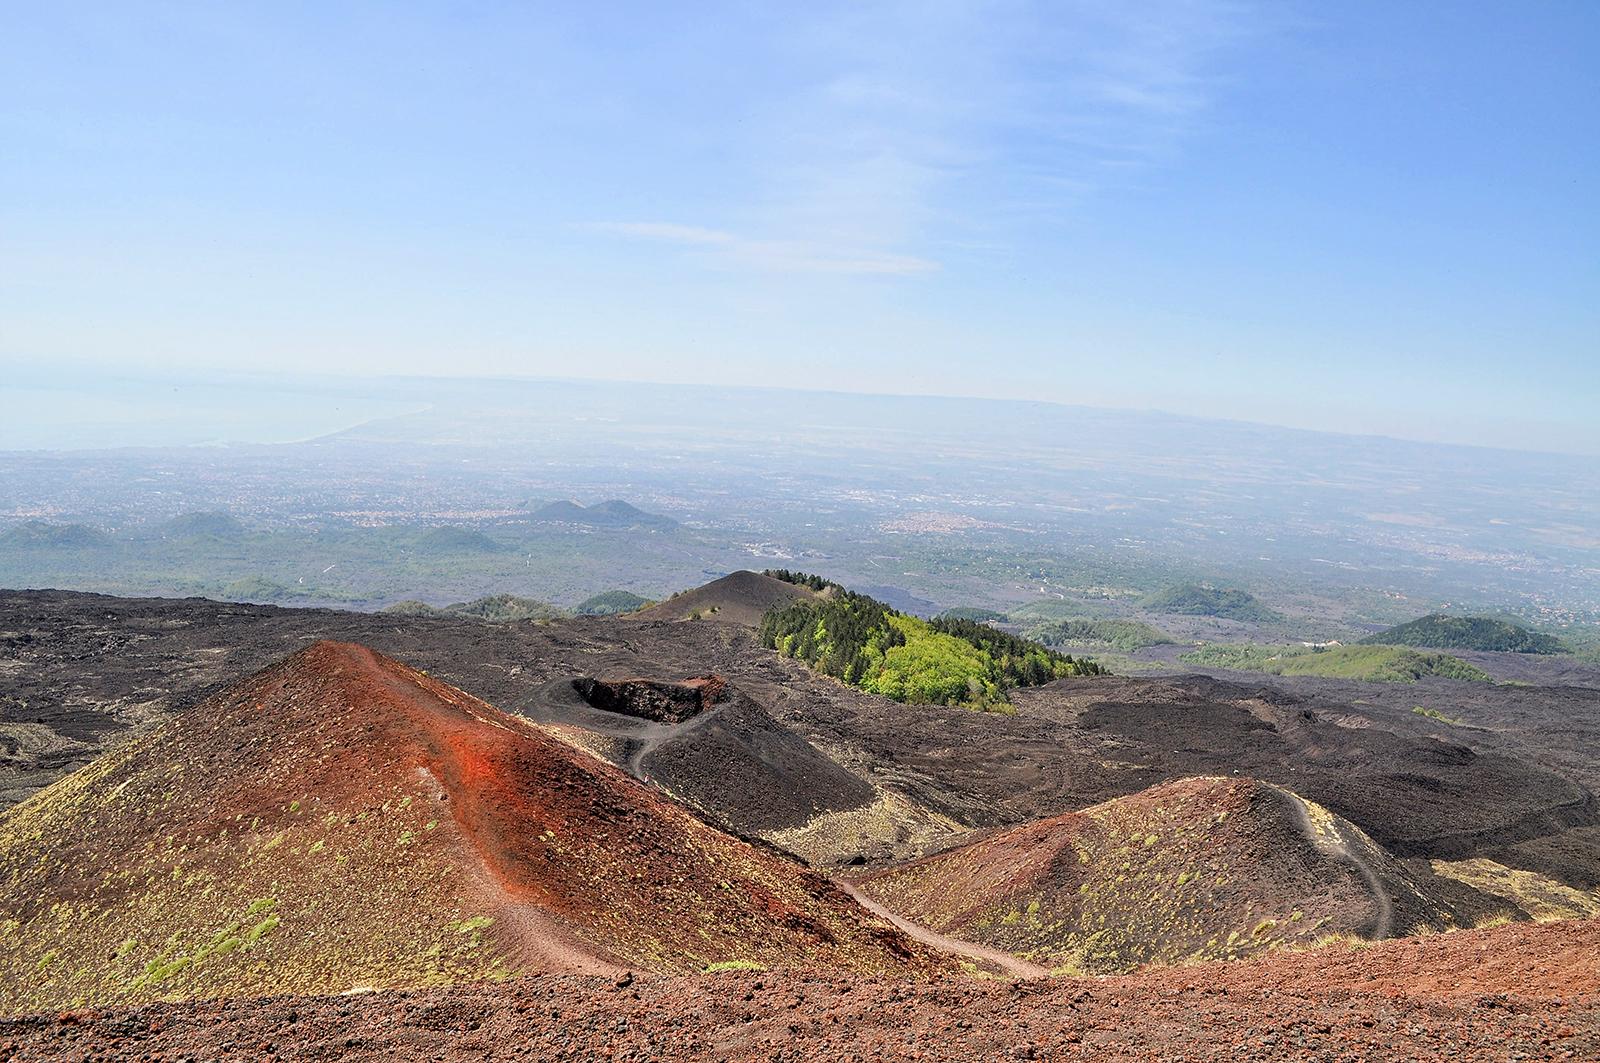 Sycylia Etna jak dojechać